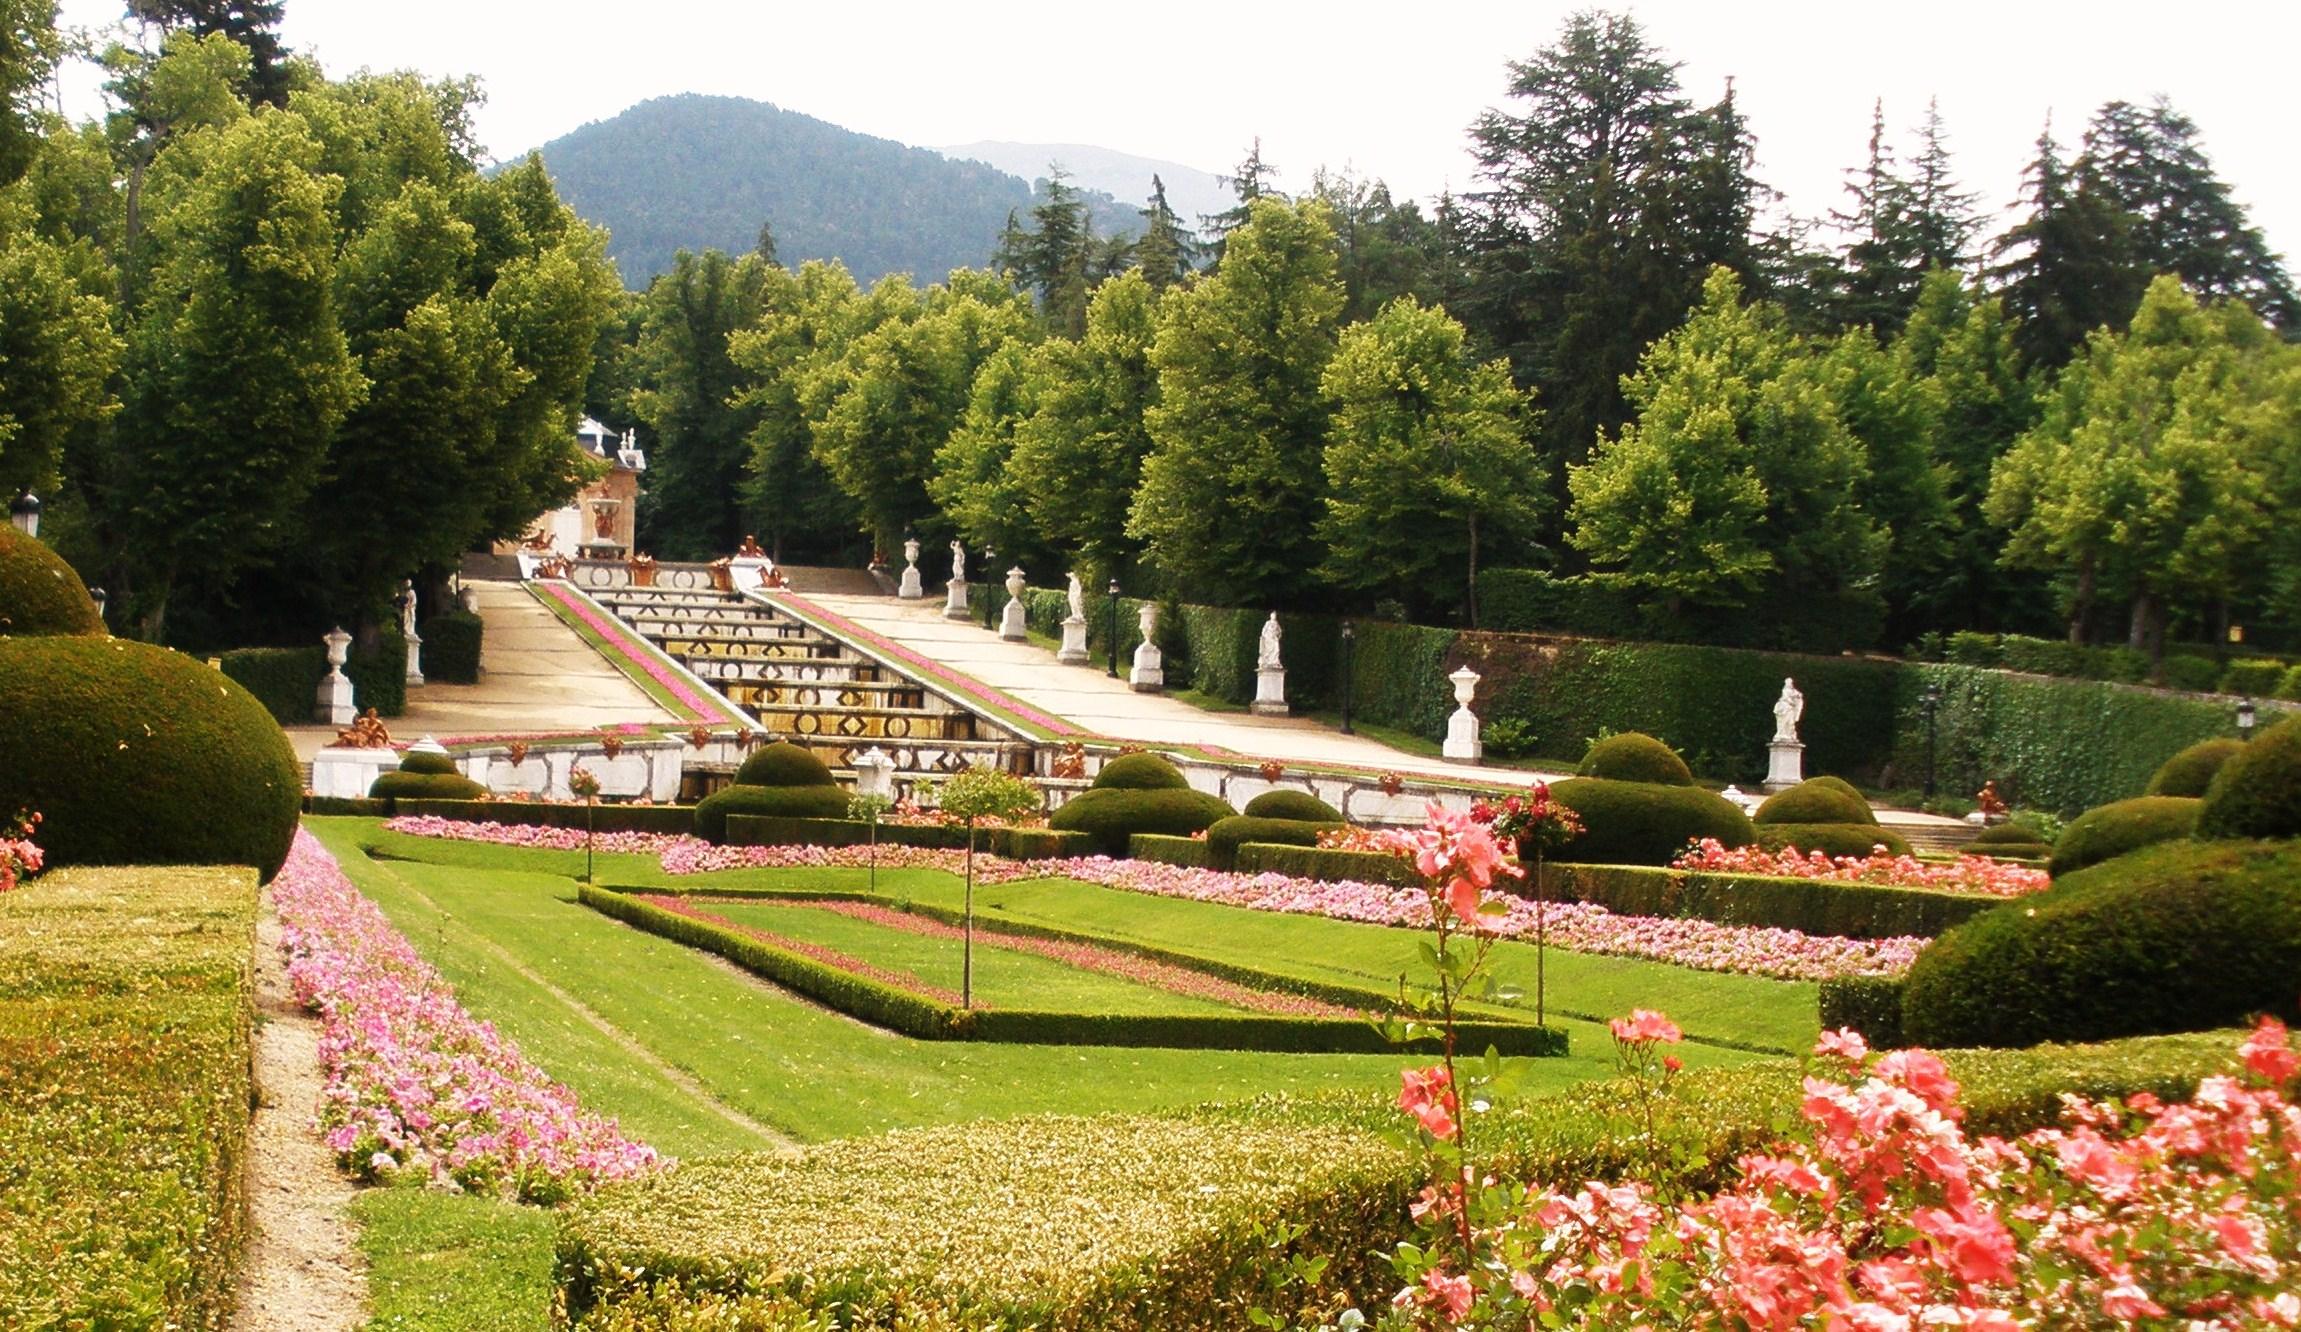 La nostalgia de versalles en los jardines barrocos de espa a for Jardines barrocos